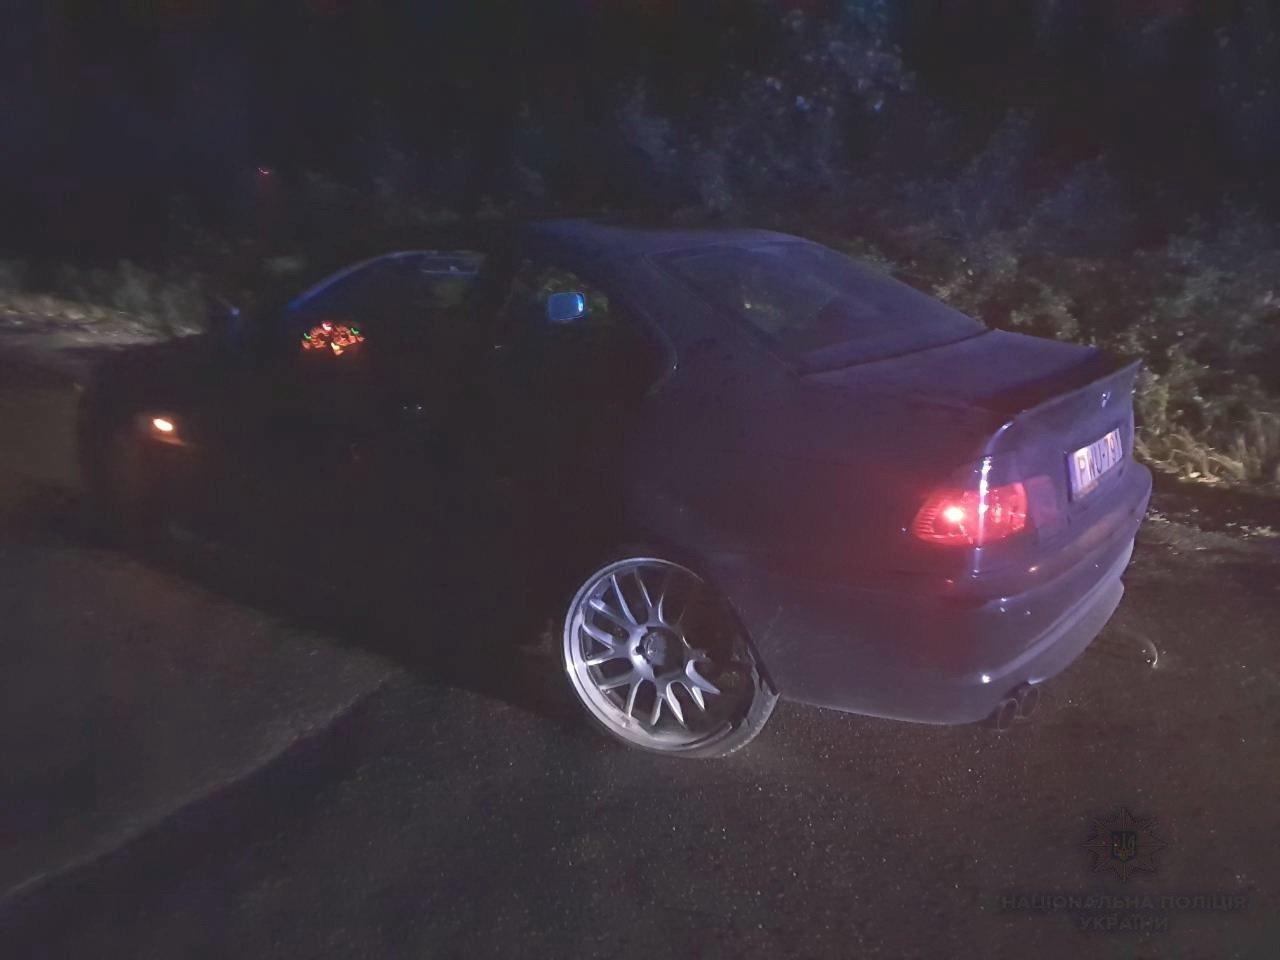 """""""Рекорд"""" за добу: на Закарпатті патрульні зловили 6 п'яних водіїв, у одного з них зафіксовано 4,17 проміле алкоголю, фото-1"""